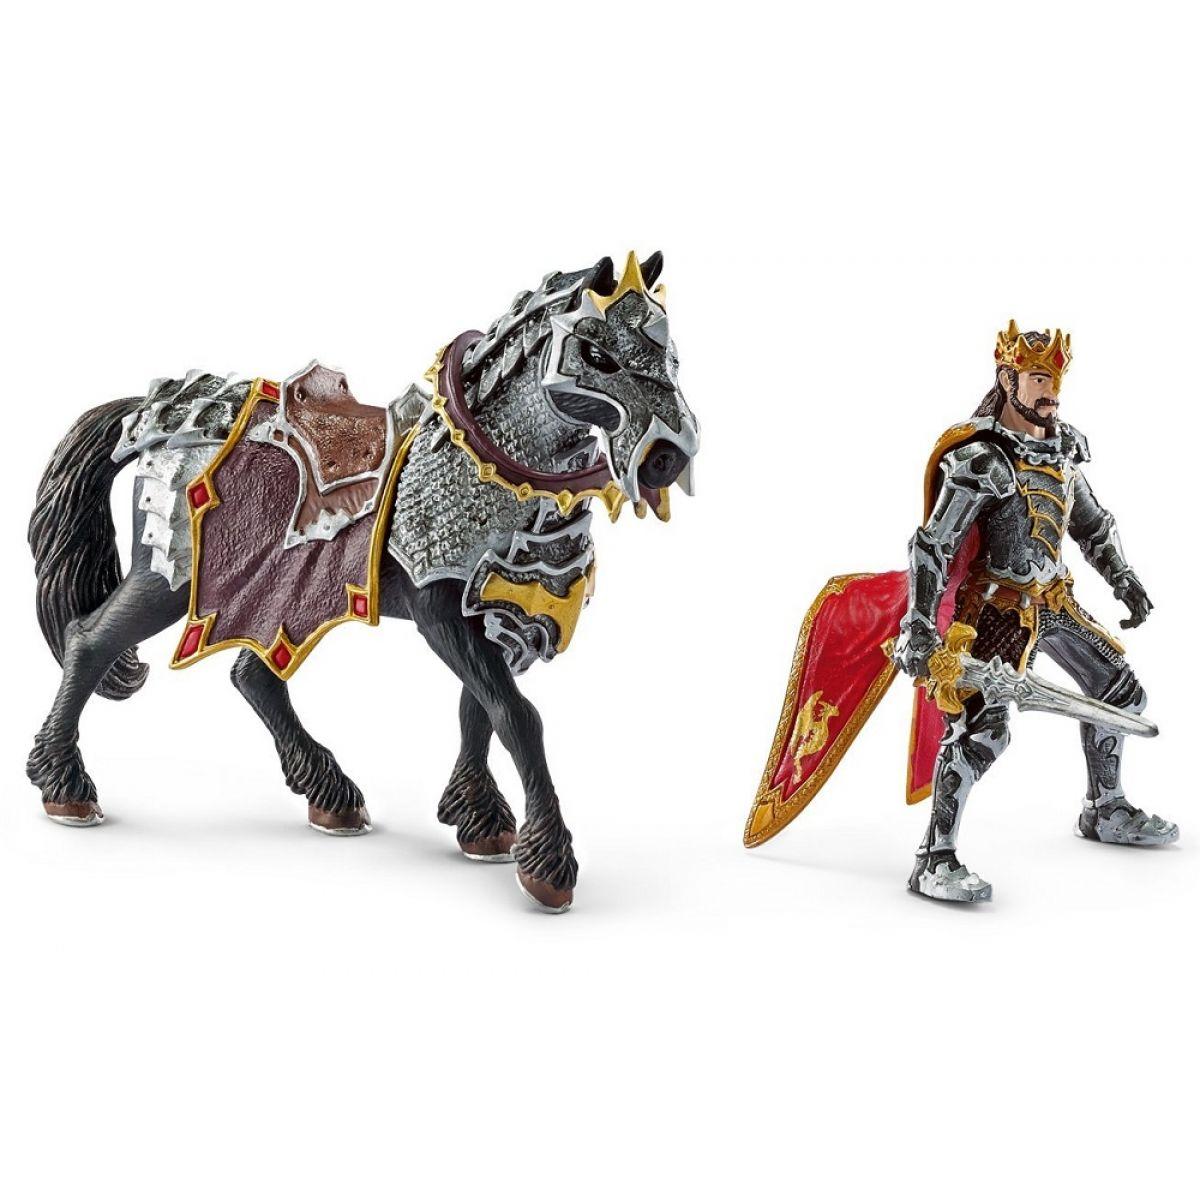 Schleich 70115 Dračí rytíř král na koni #2